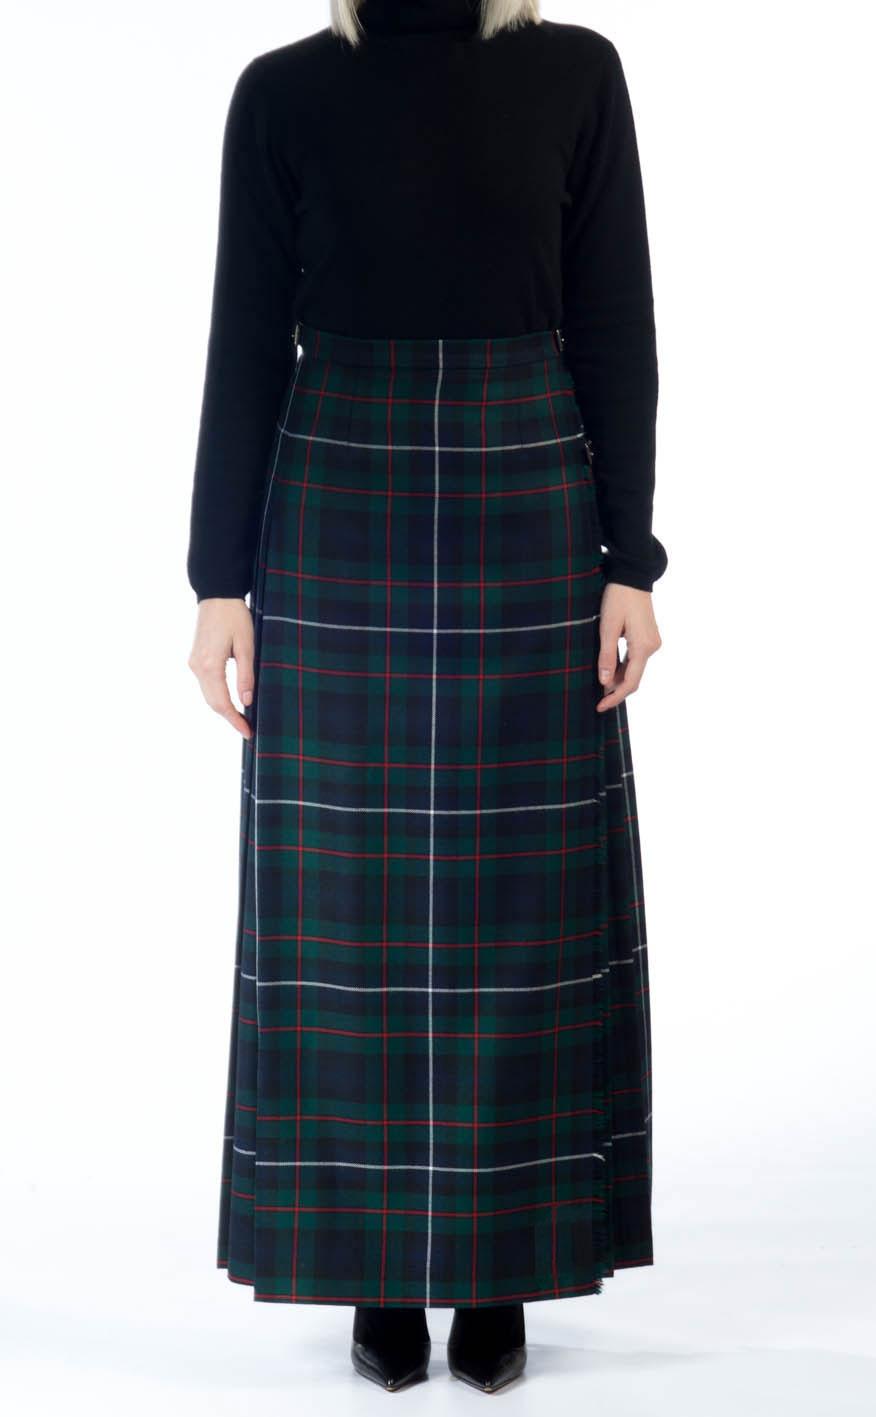 d0871859c Hostess Skirt, tartan by Scotweb